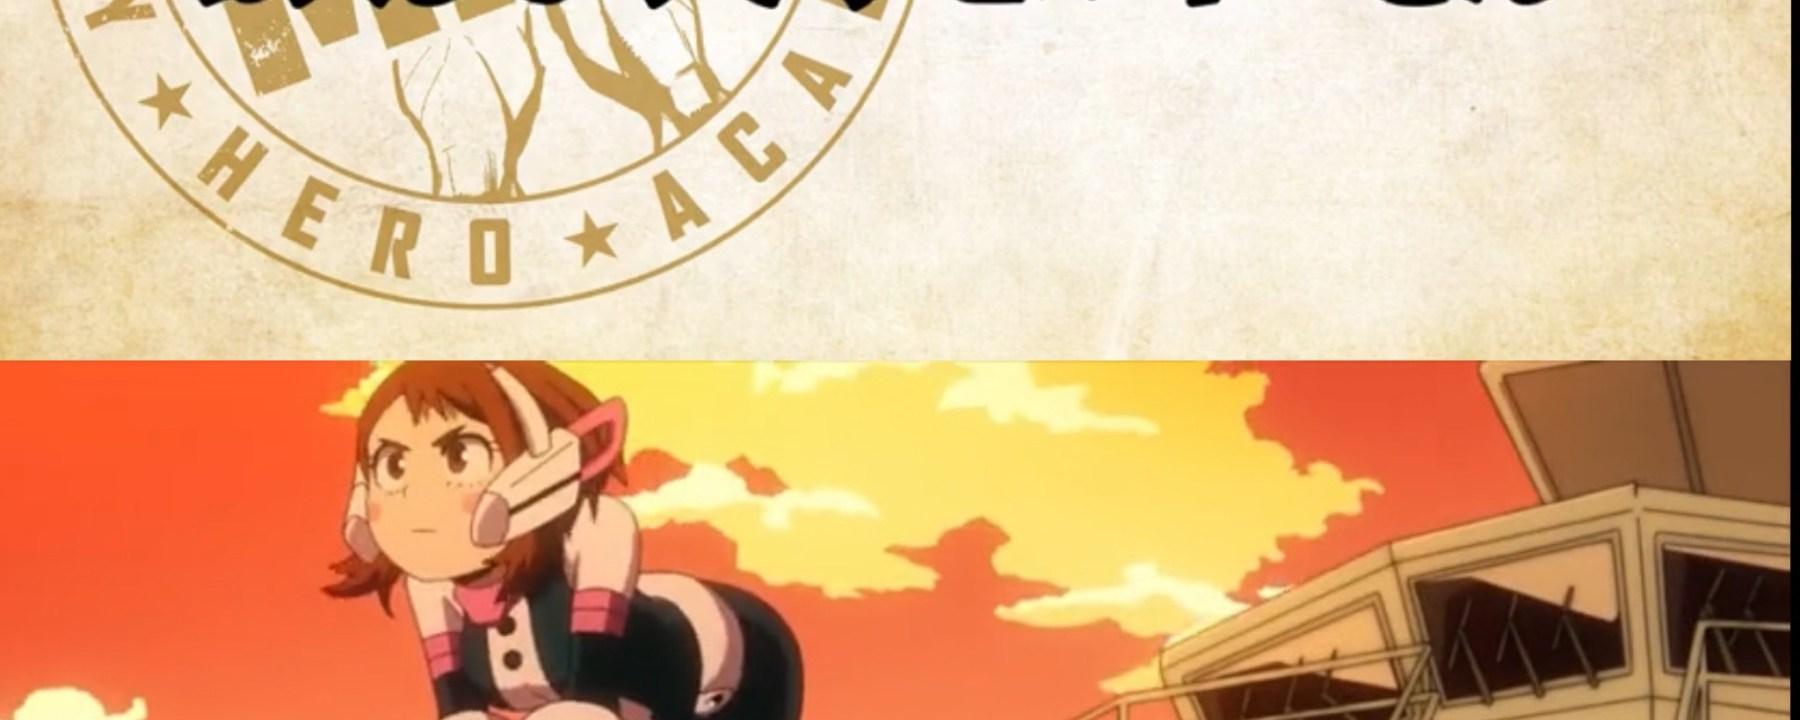 My Hero Academia S5 Episode 16 Cover